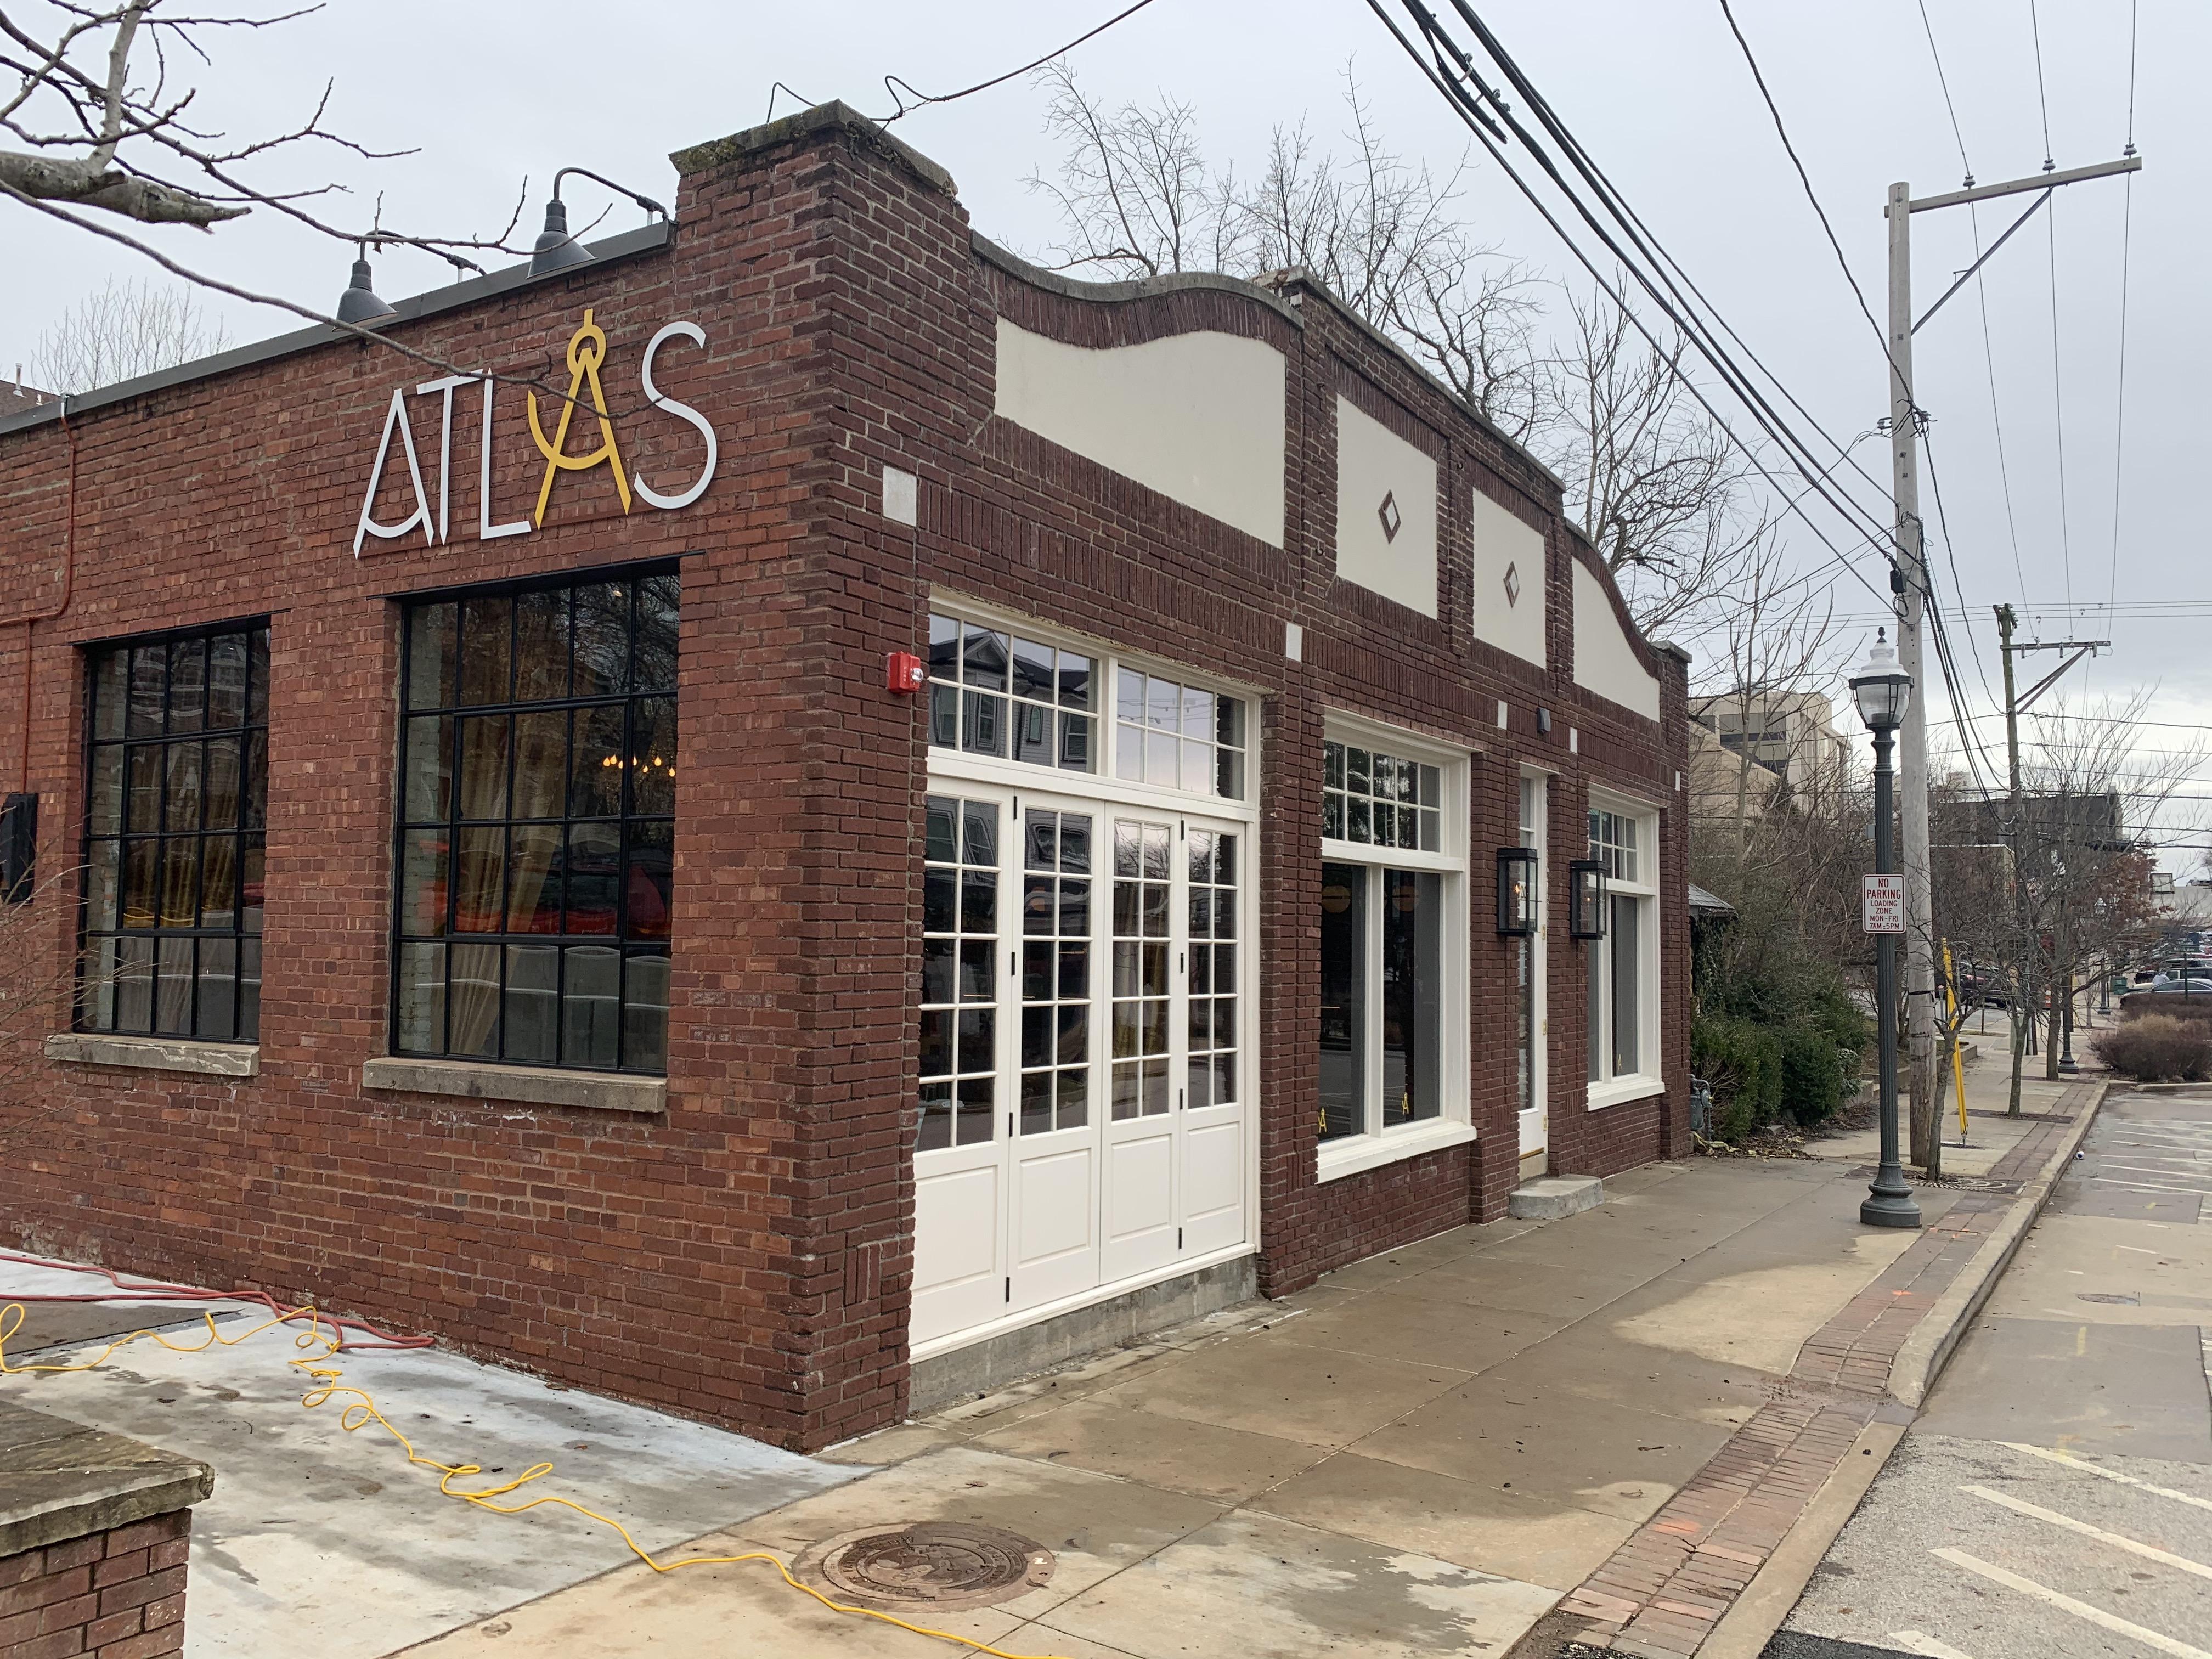 Atlas Opens In Downtown Fayetteville